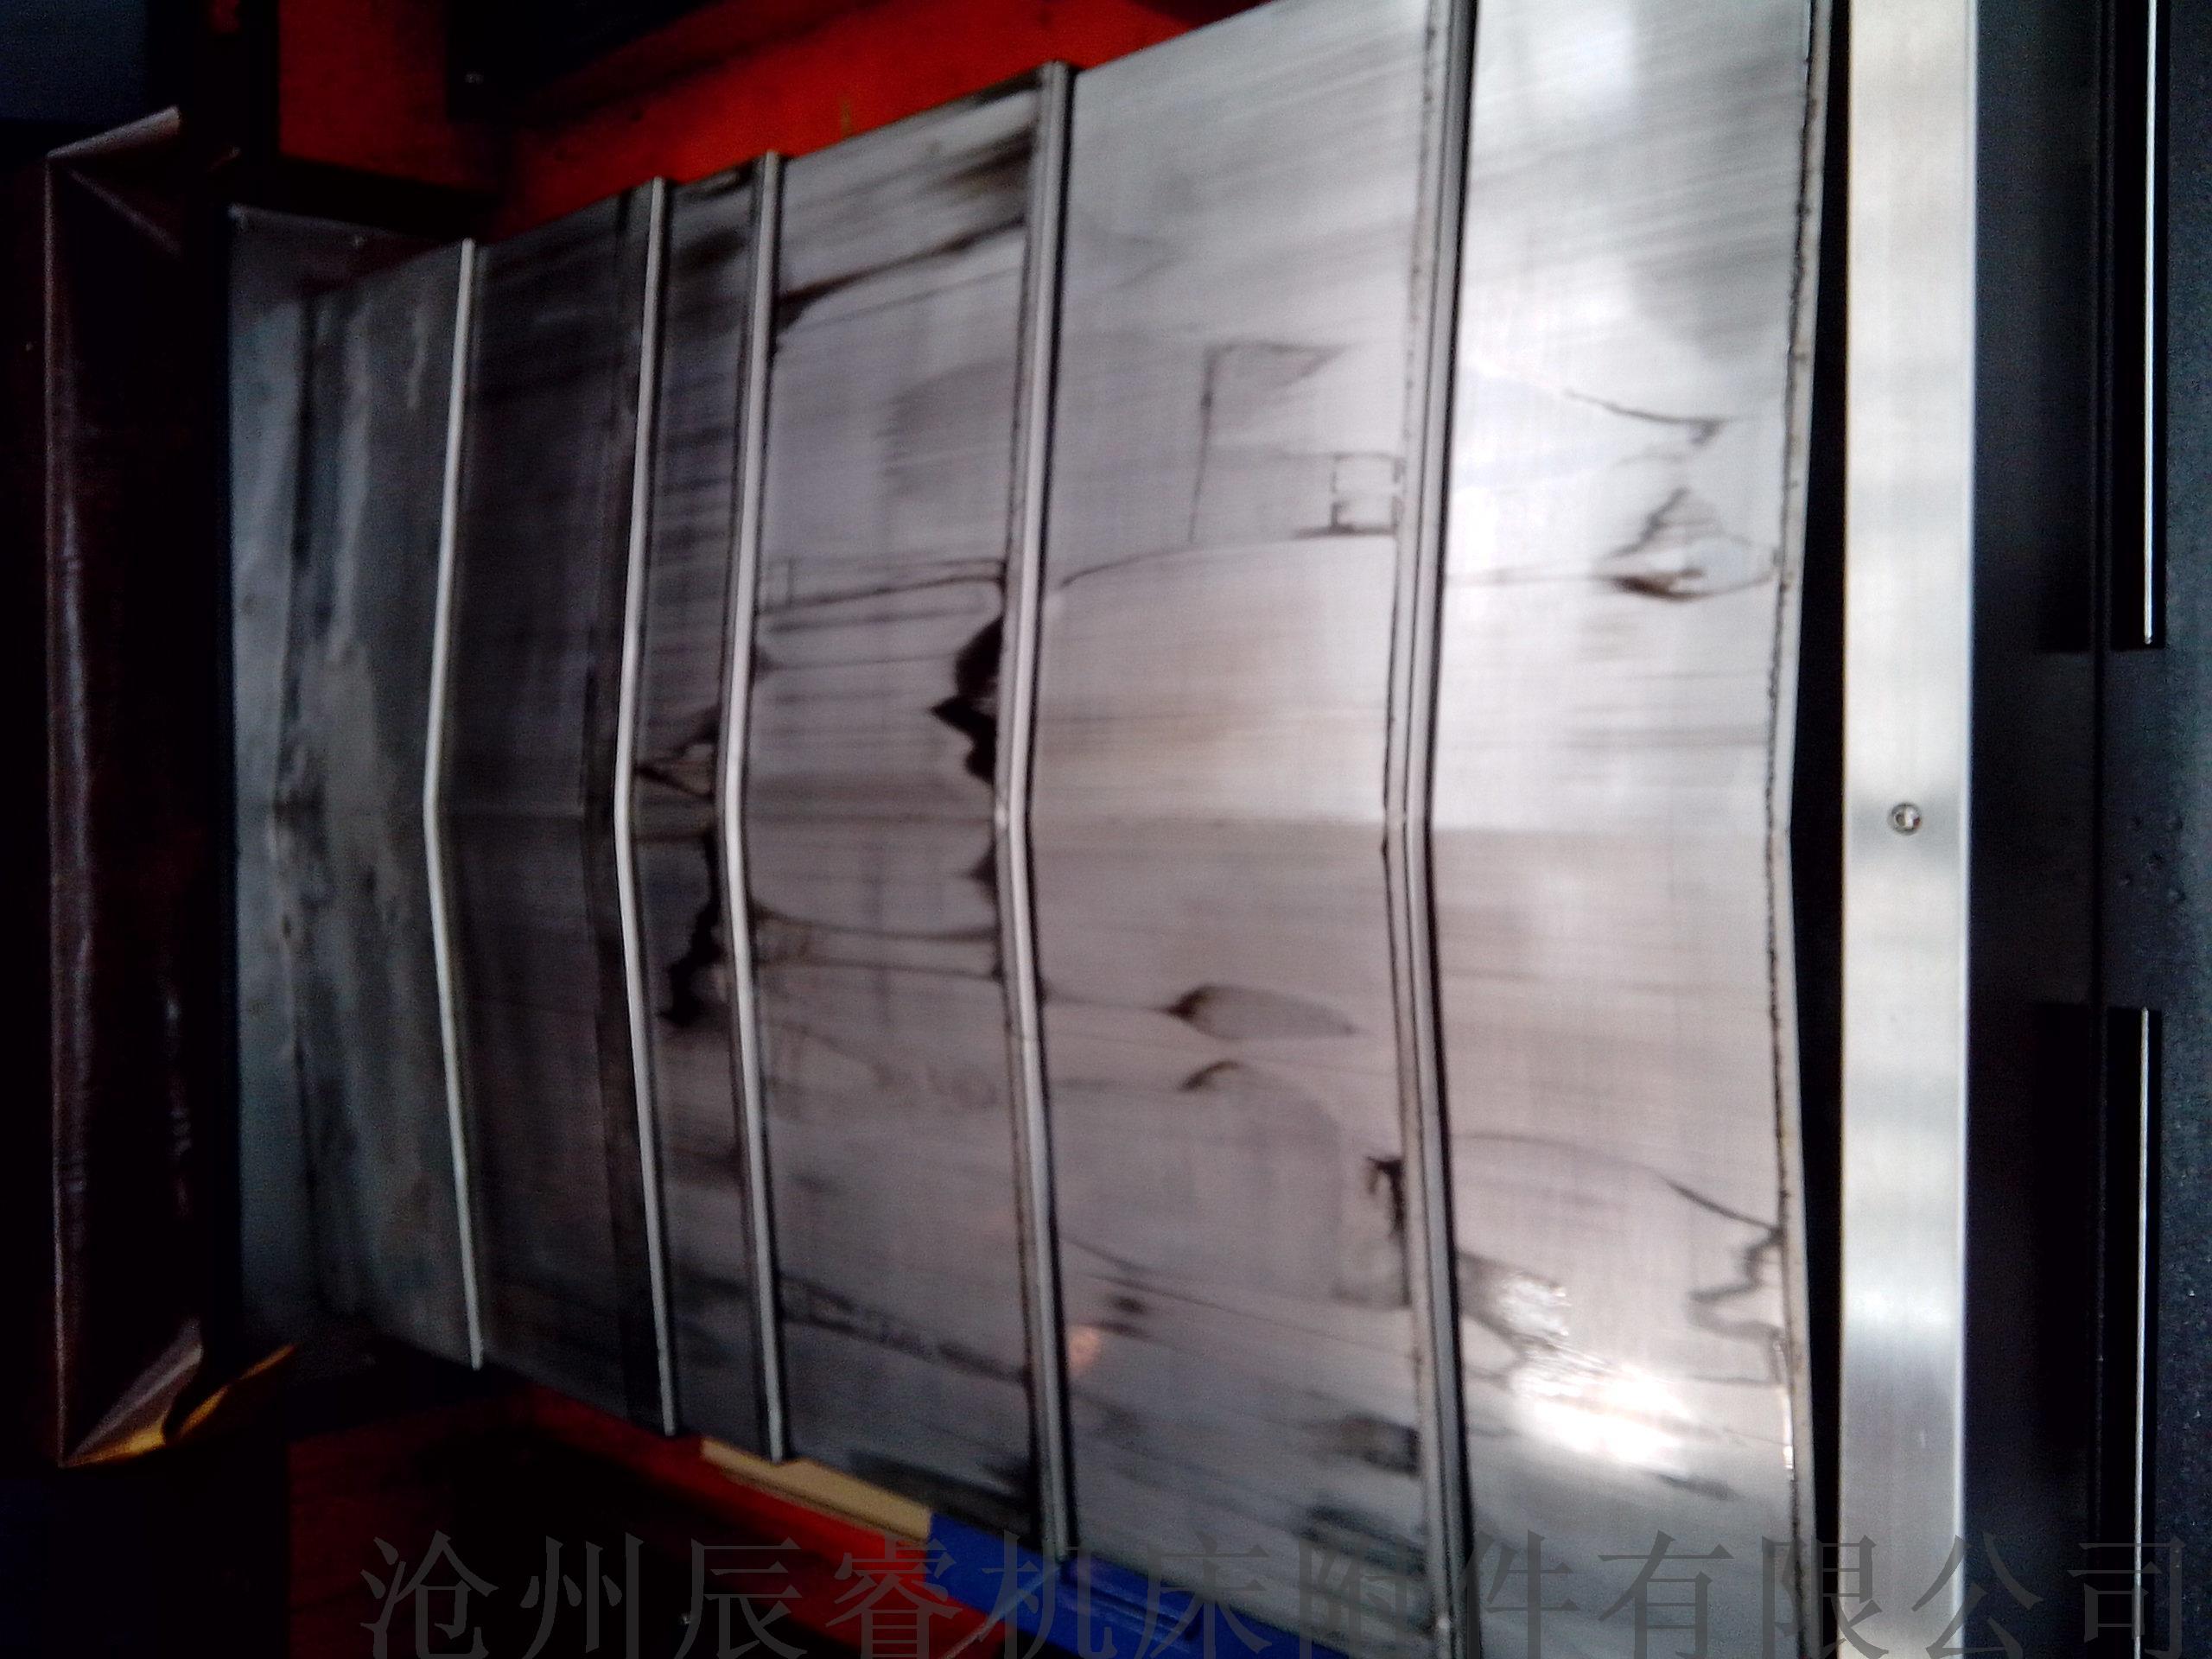 数控机床导轨钢制防护罩 沧州嵘实钢制防护罩827045615